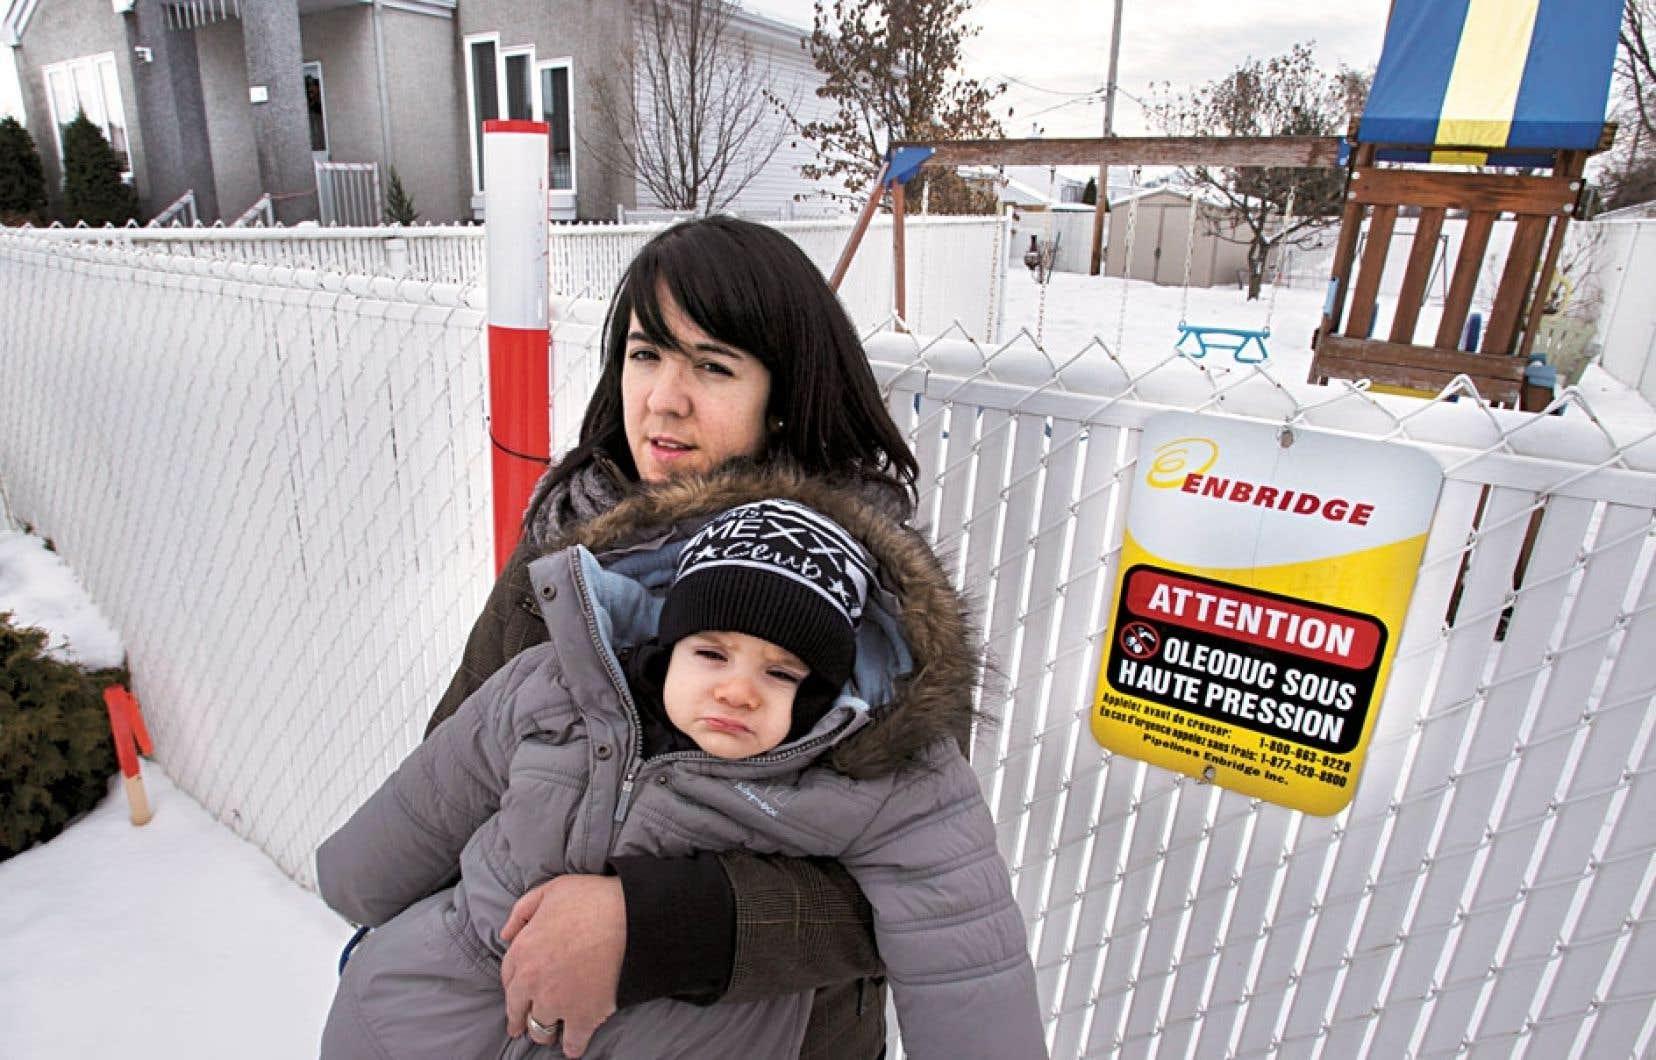 Sandra Bouchard, qui a déménagé dans le secteur il y a de cela quelques mois, ignorait jusqu'à la présence du pipeline. Sa maison se trouve à une quarantaine de mètres du tuyau.